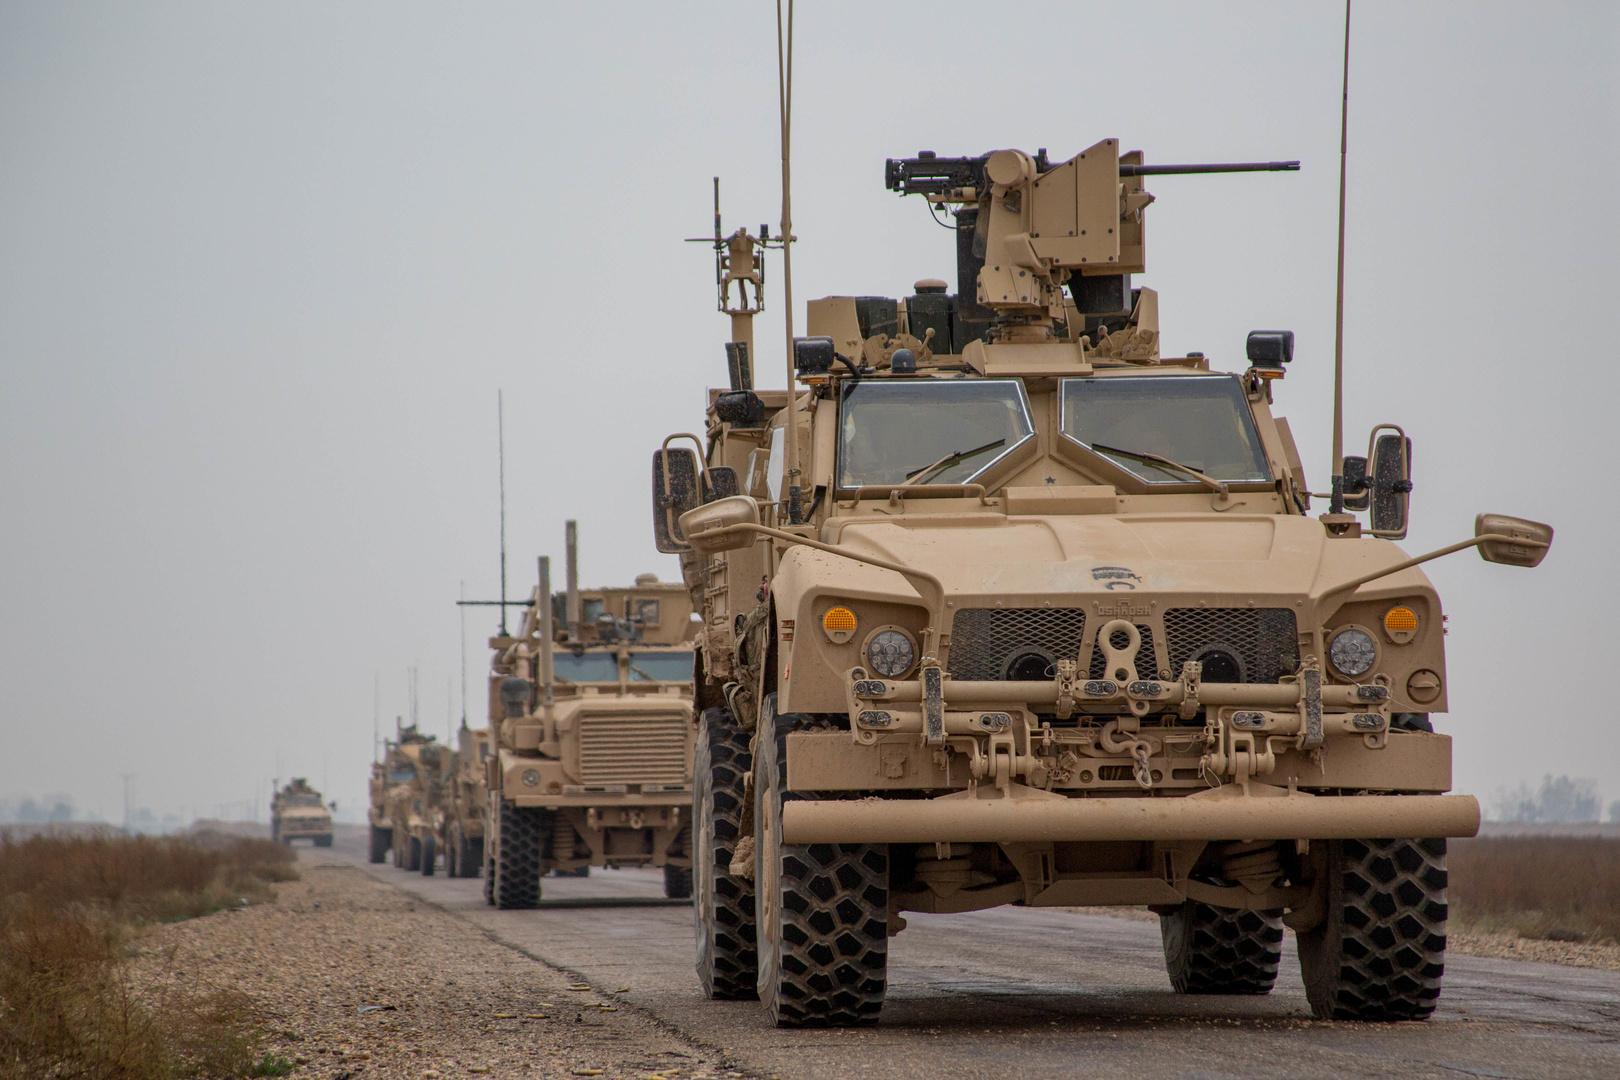 التحالف الدولي: جهزنا القوات العراقية بمعدات تصل قيمتها لخمسة مليارات دولار